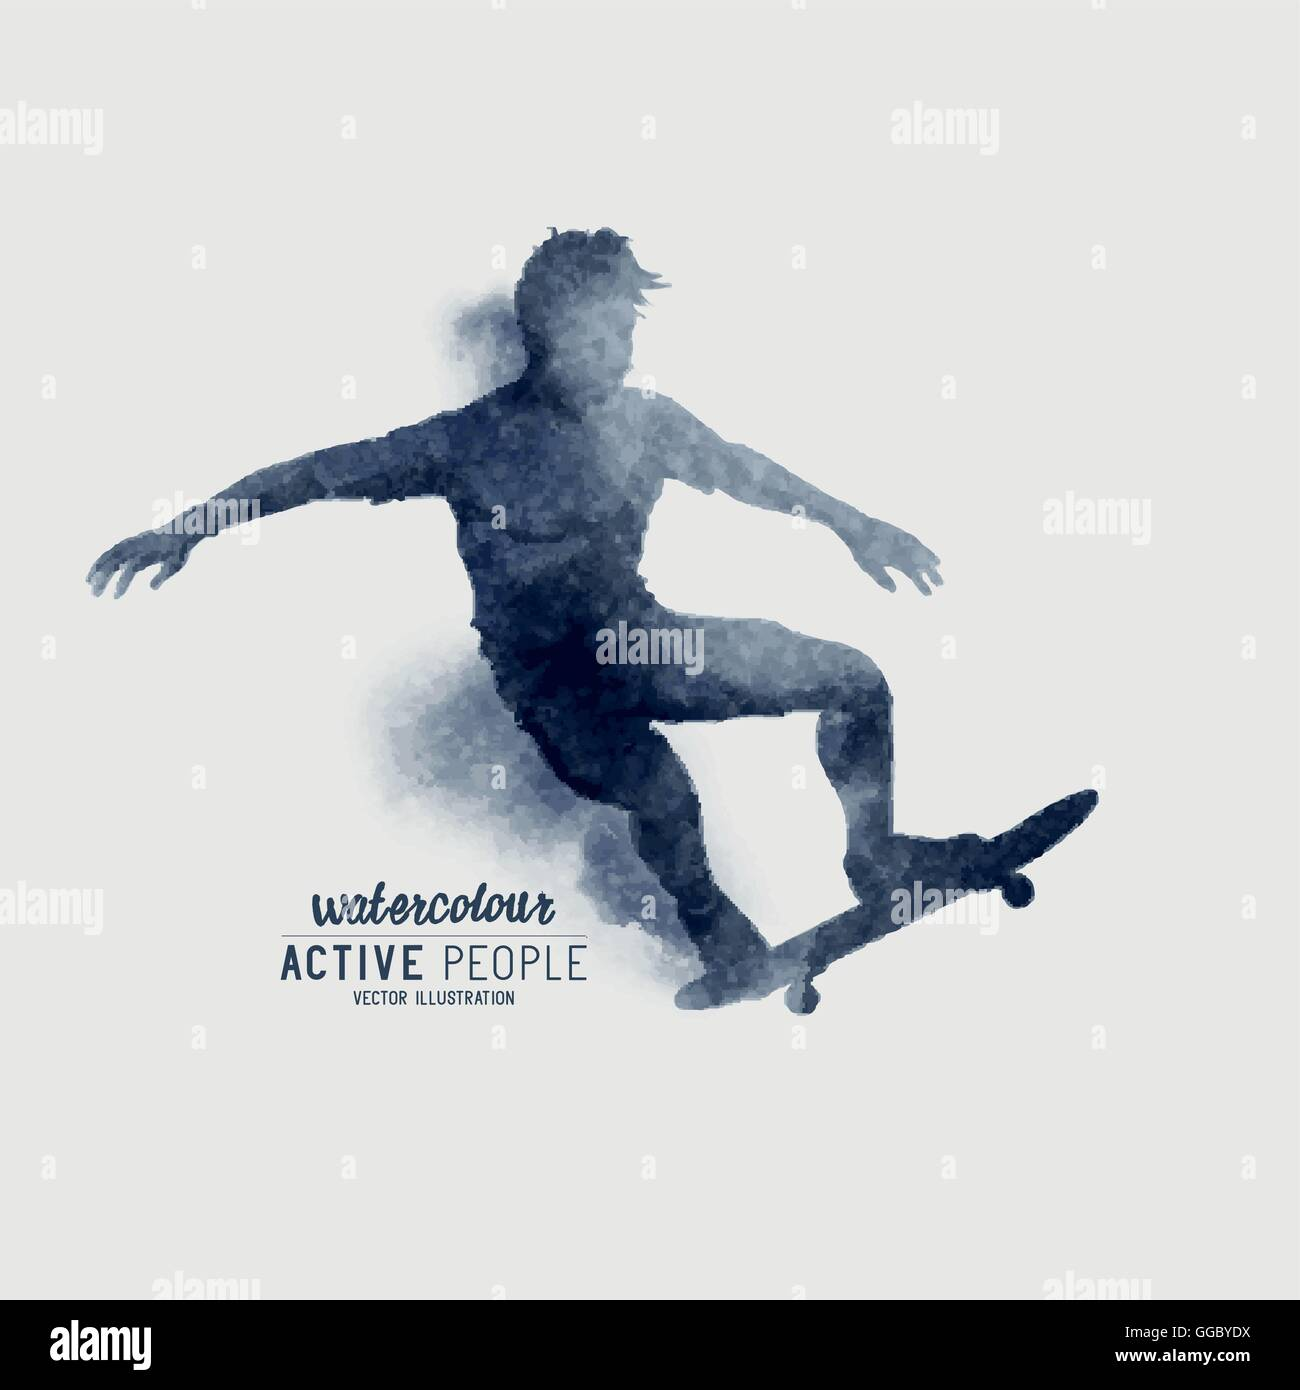 A Skater riding a skateboard. Watercolour vector illustration. - Stock Vector